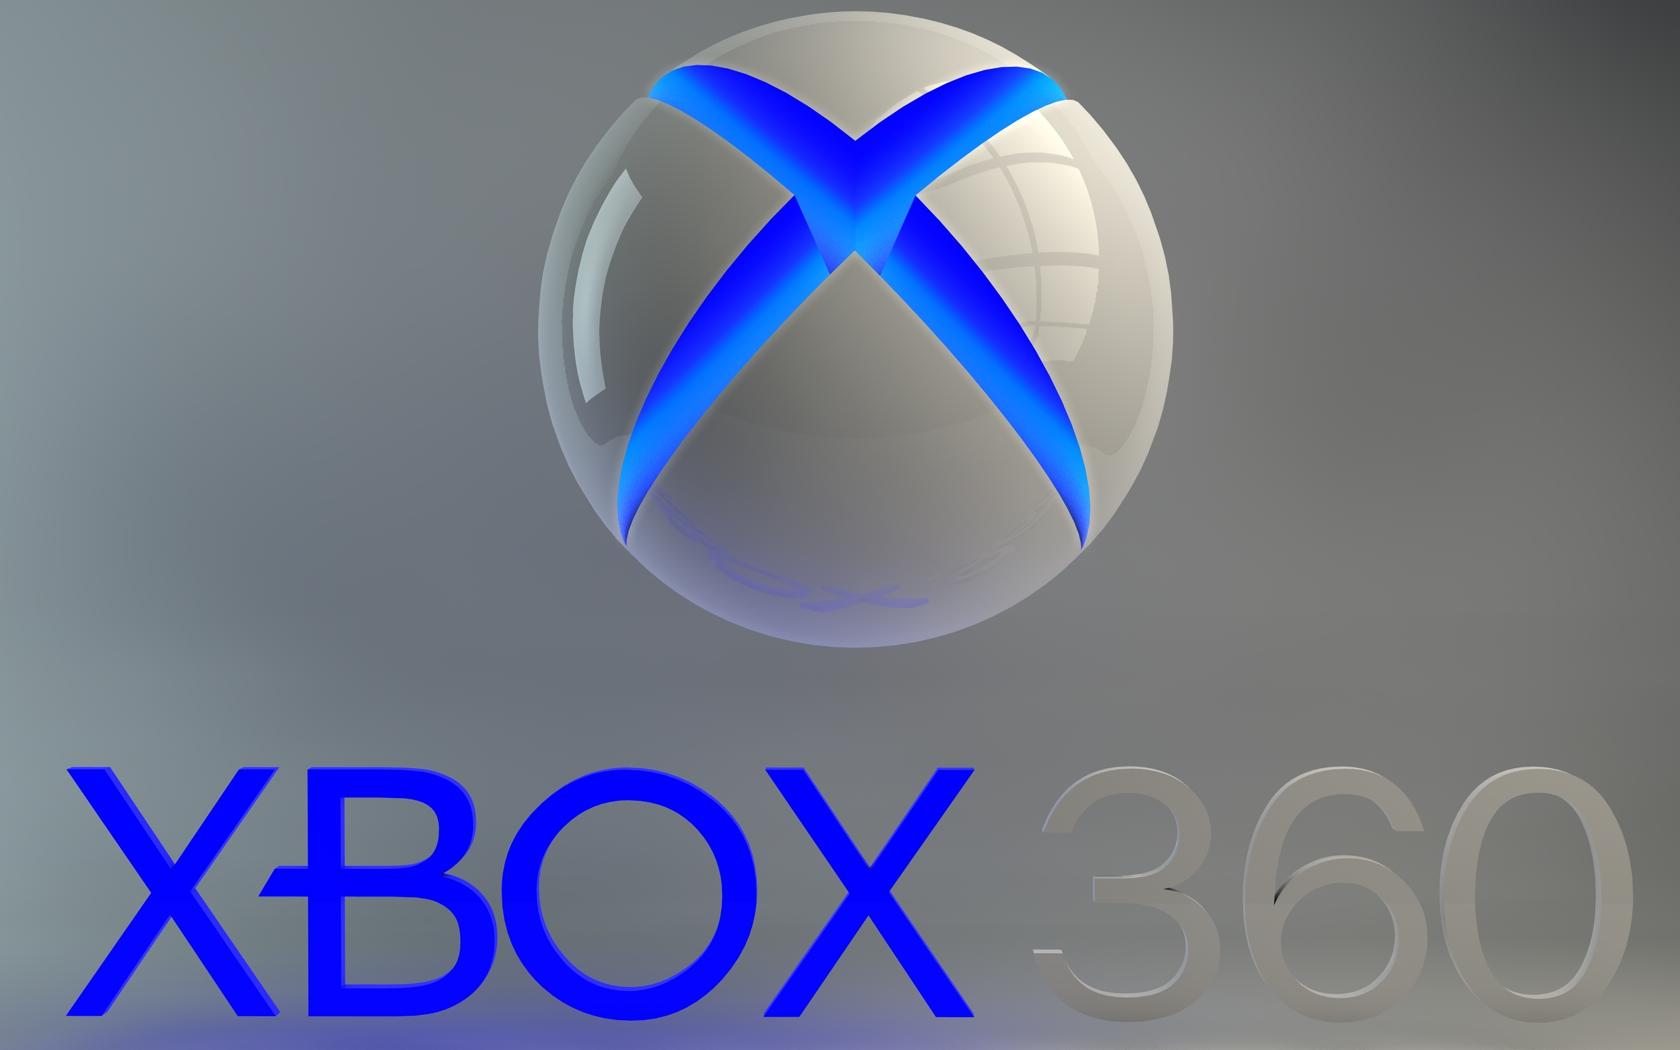 How To Draw Xbox 360 Logo